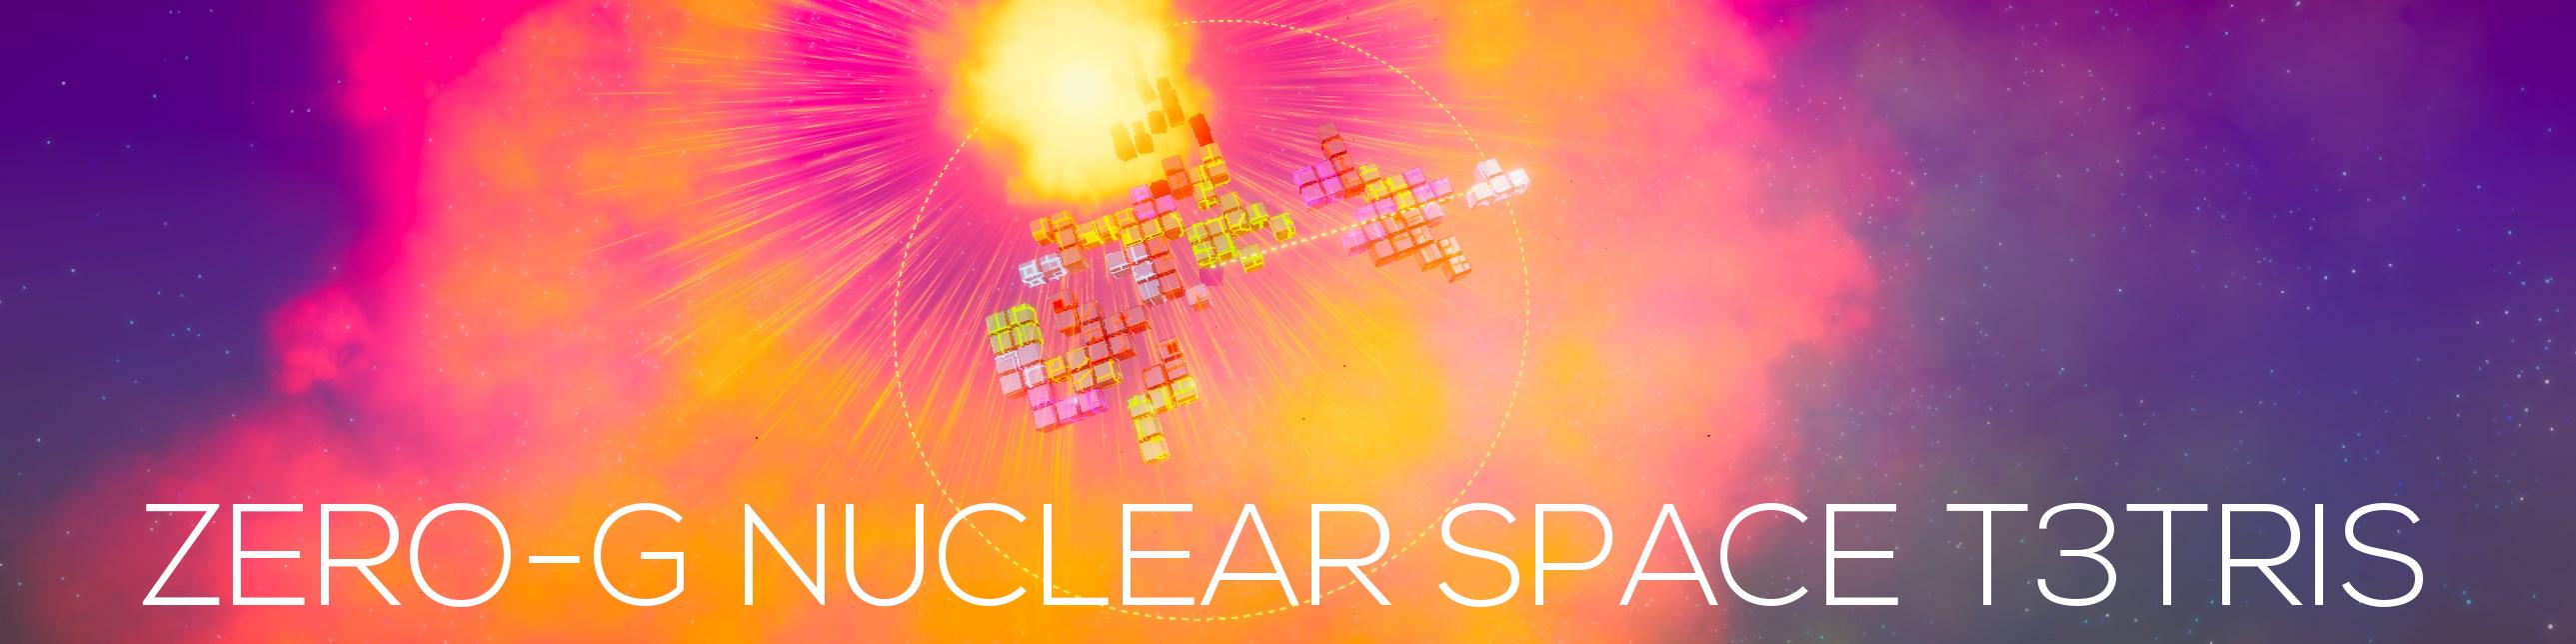 Zero-G Nuclear Space T3TRIS